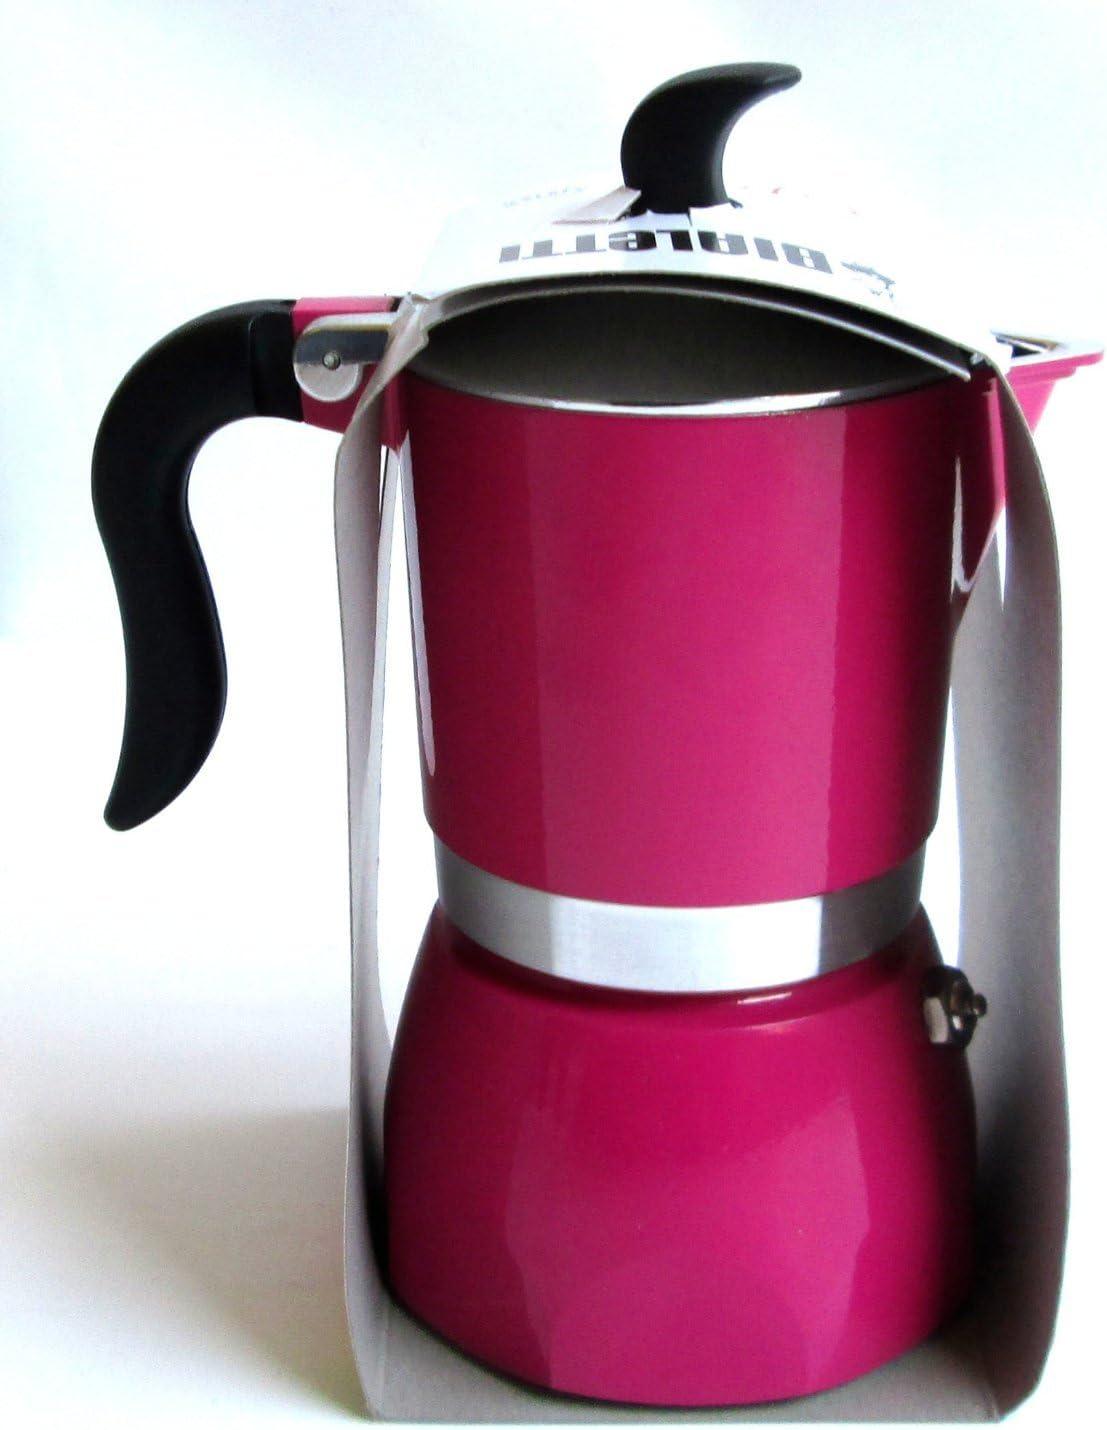 Cafetera Fiammetta 1Tz Color Rosa: Amazon.es: Hogar